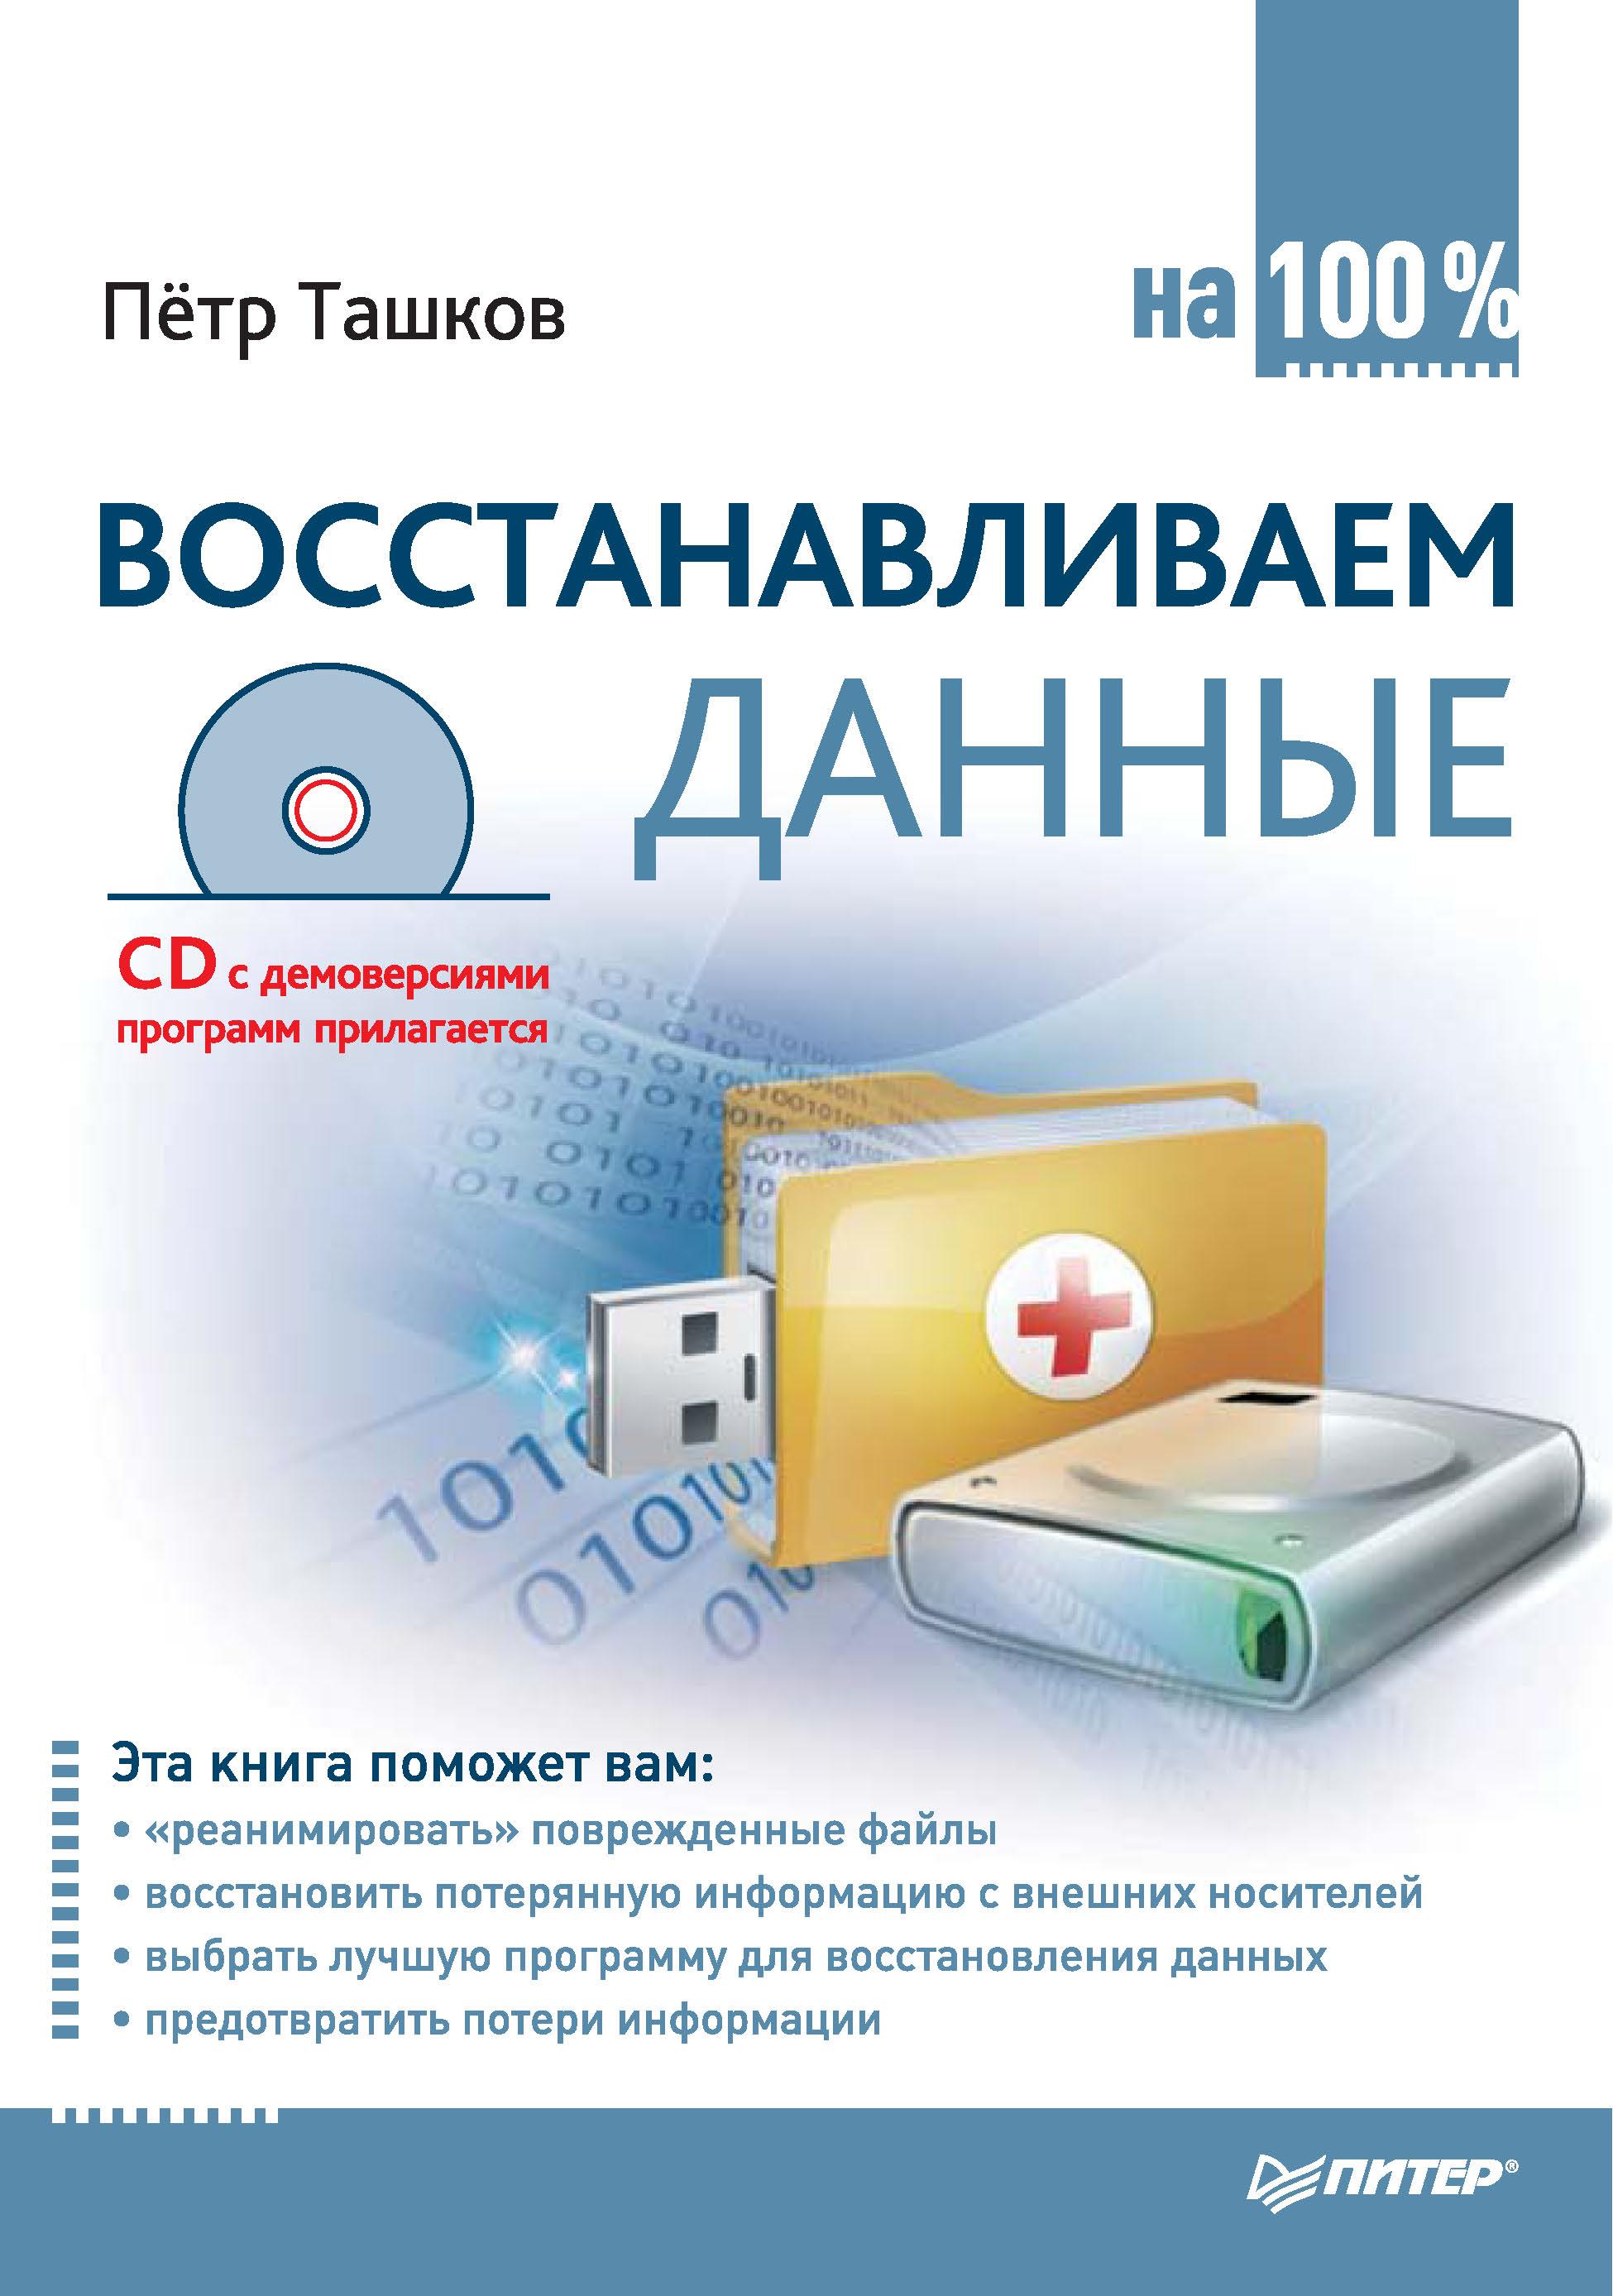 Петр Ташков Восстанавливаем данные на 100% восстанавливаем данные на 100% cd